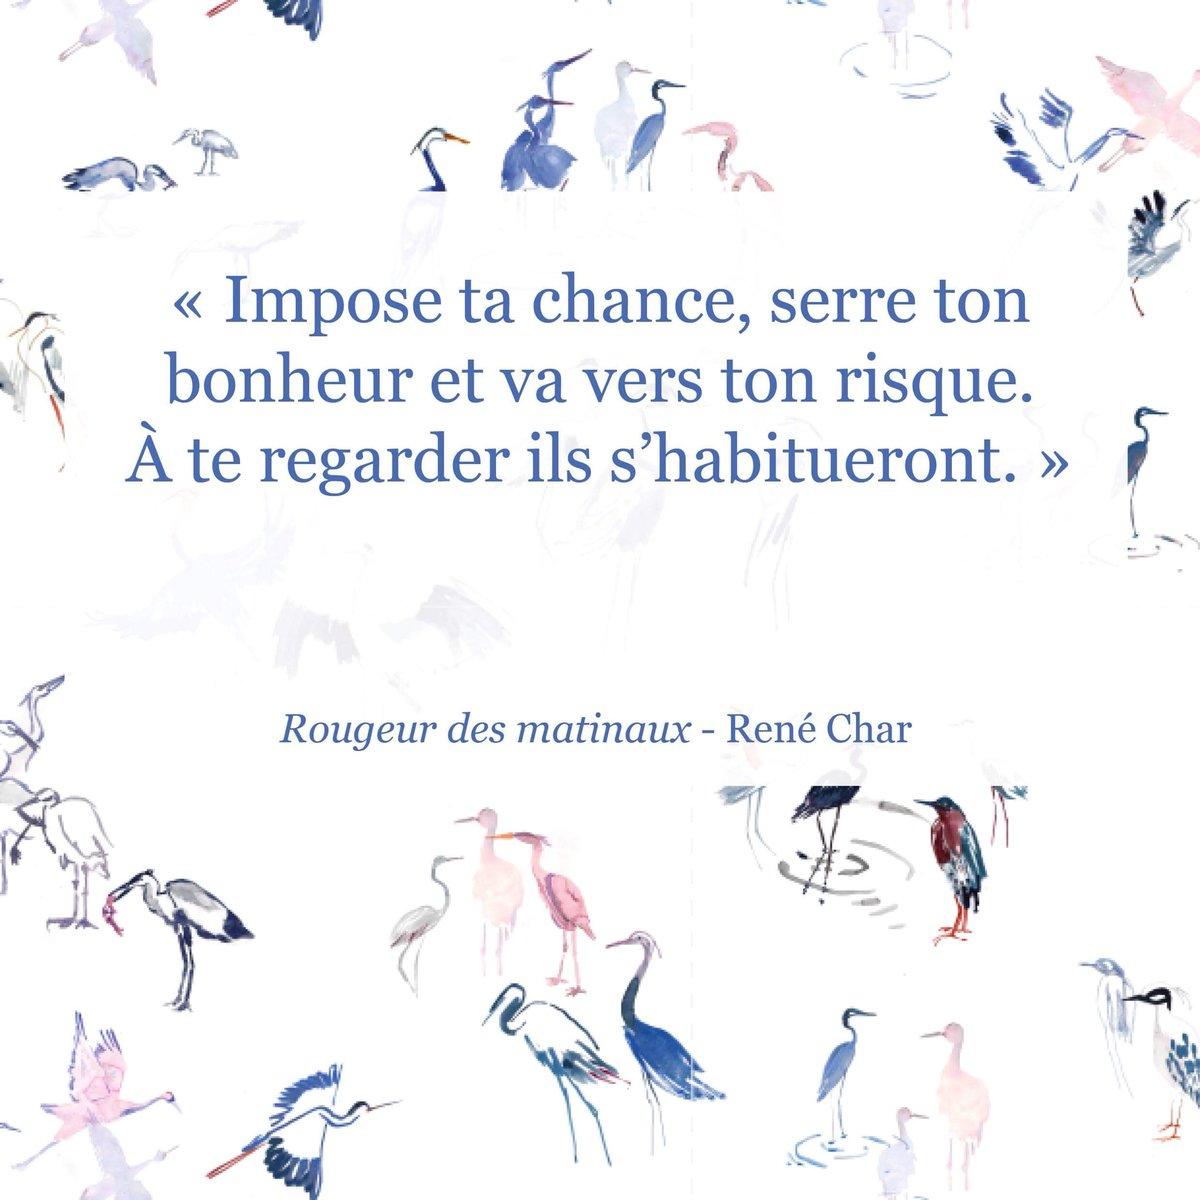 Bleu Tango Paris On Twitter Un Brin De Poésie Avec René